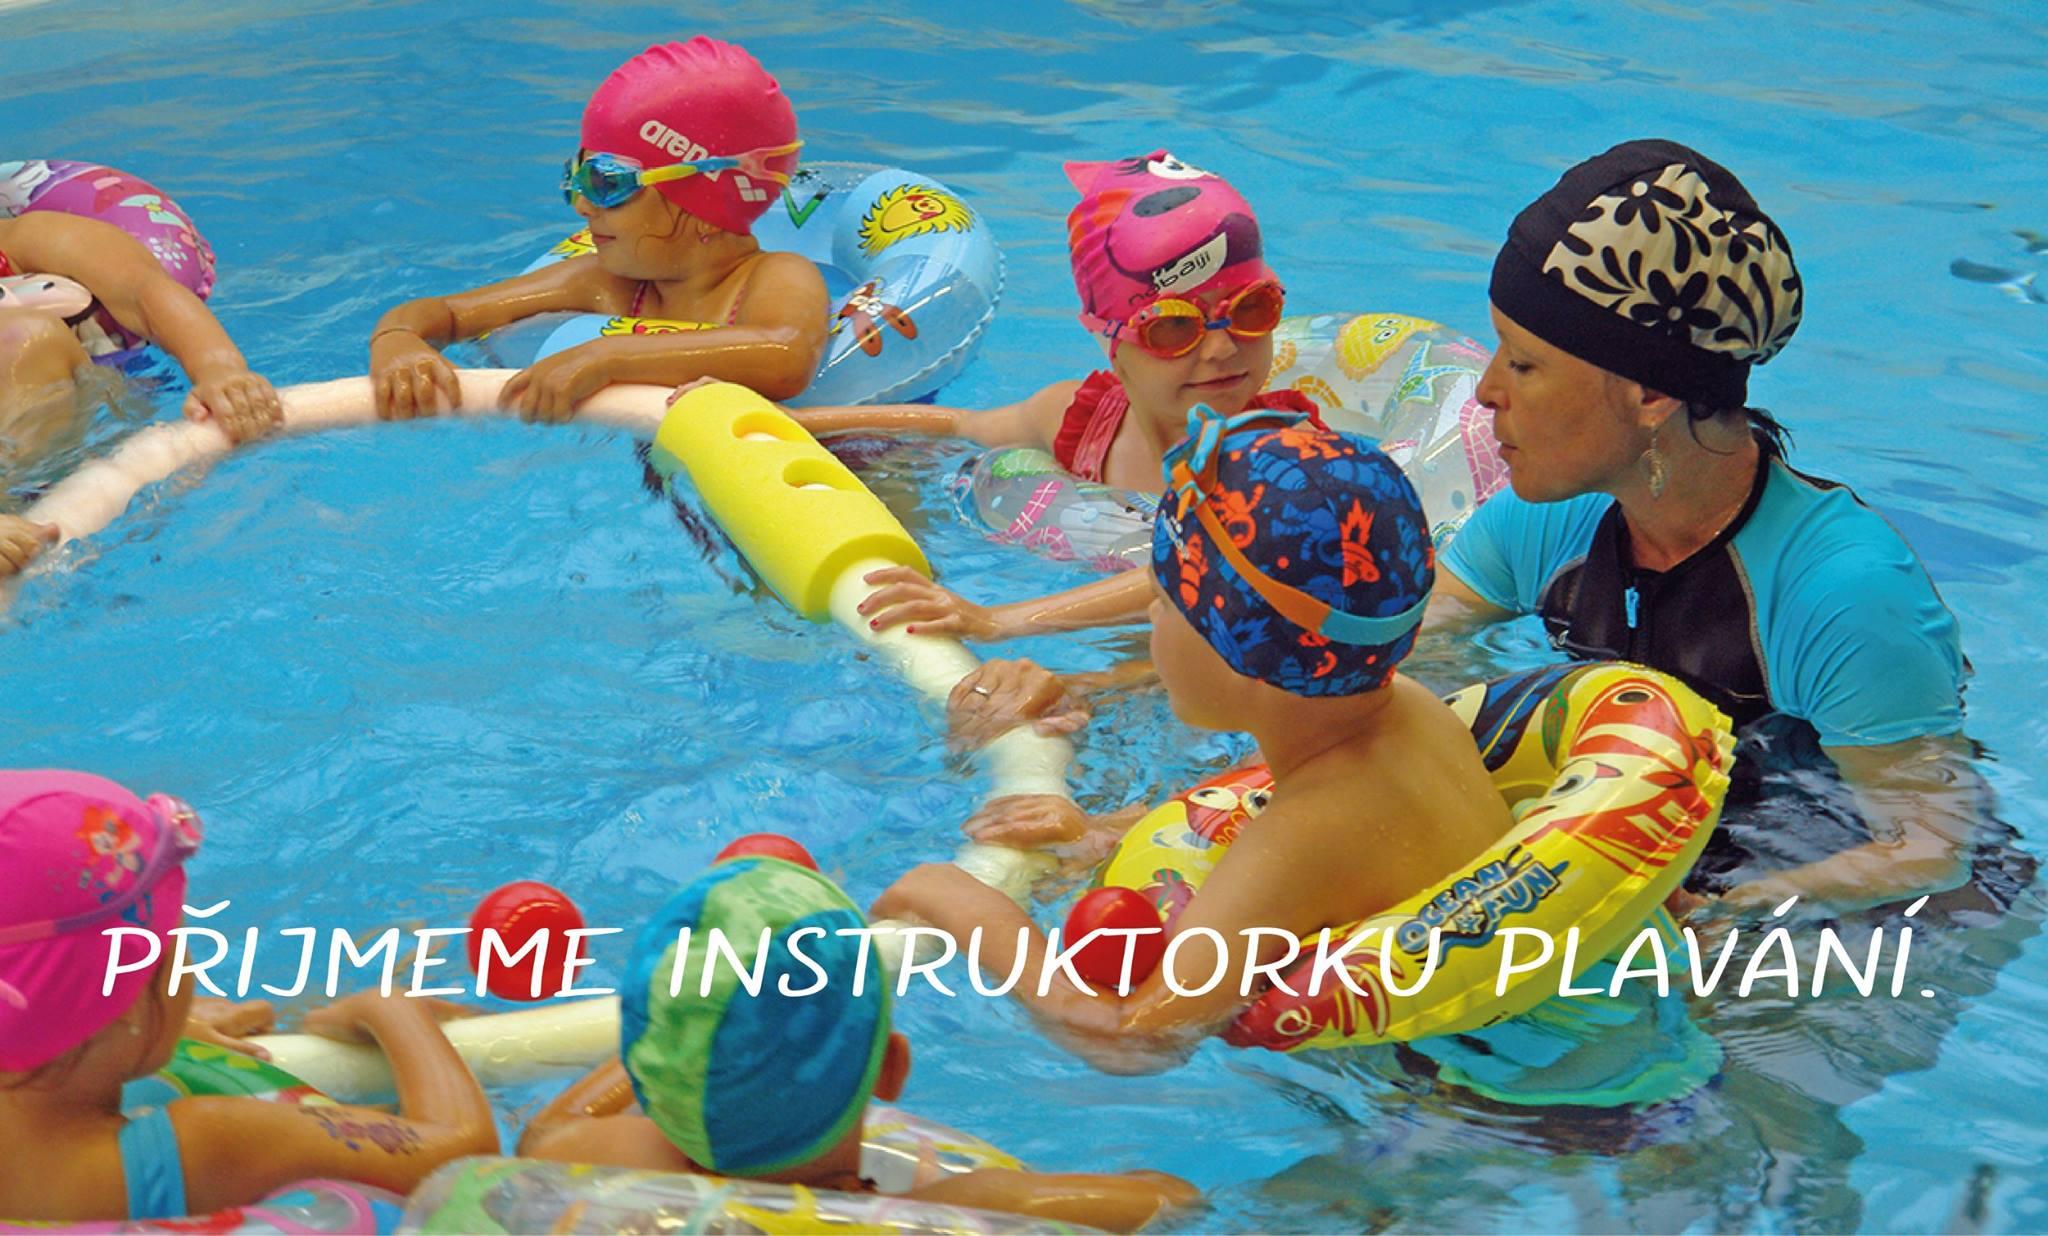 Přijmeme instruktorku plavání